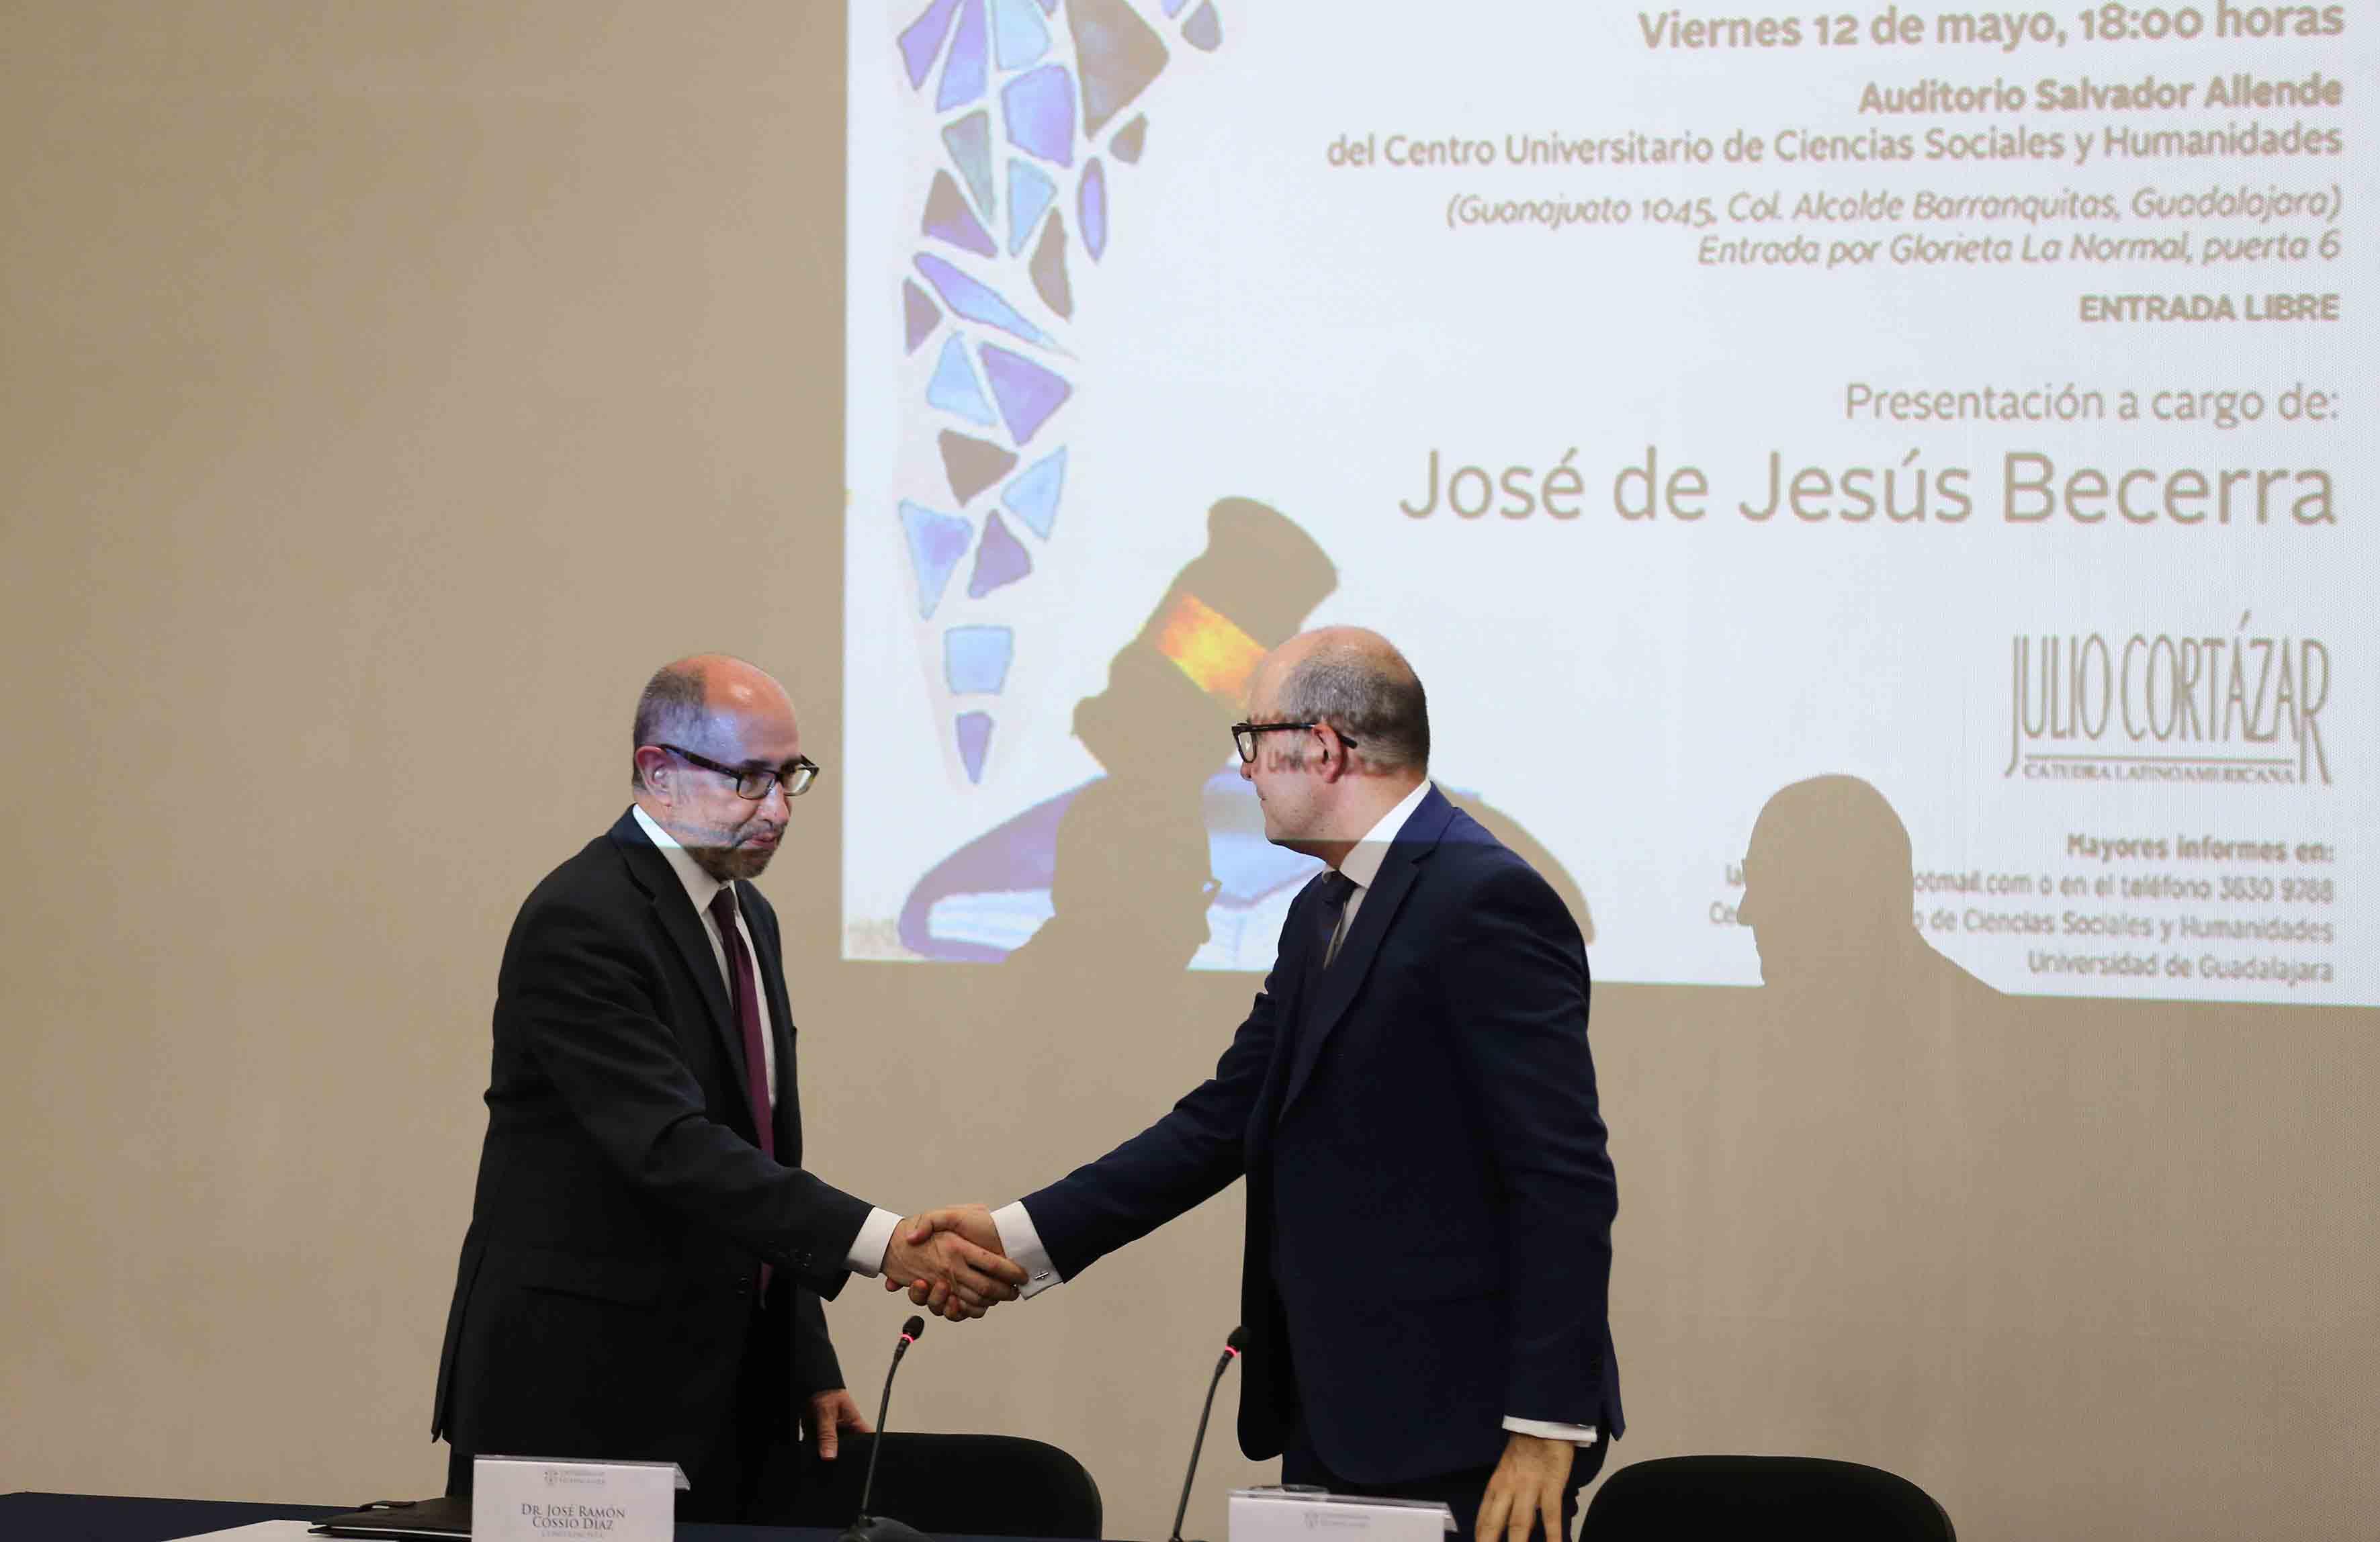 Doctores José Ramón Cossío Díaz y José de Jesús Becerra Ramírez, compartiendo saludo de mano.